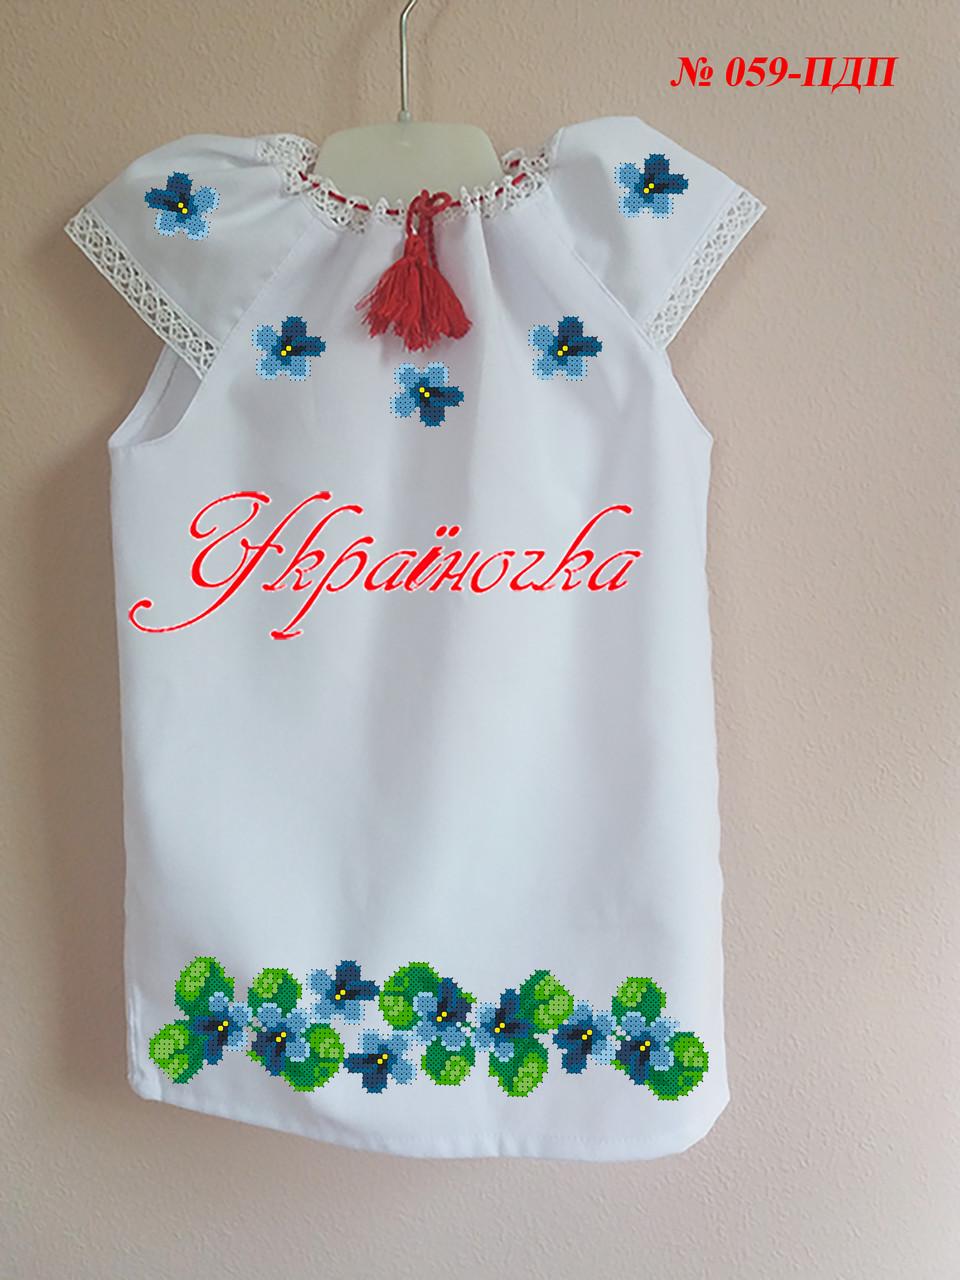 Сшитое детское платье под вышивку №059